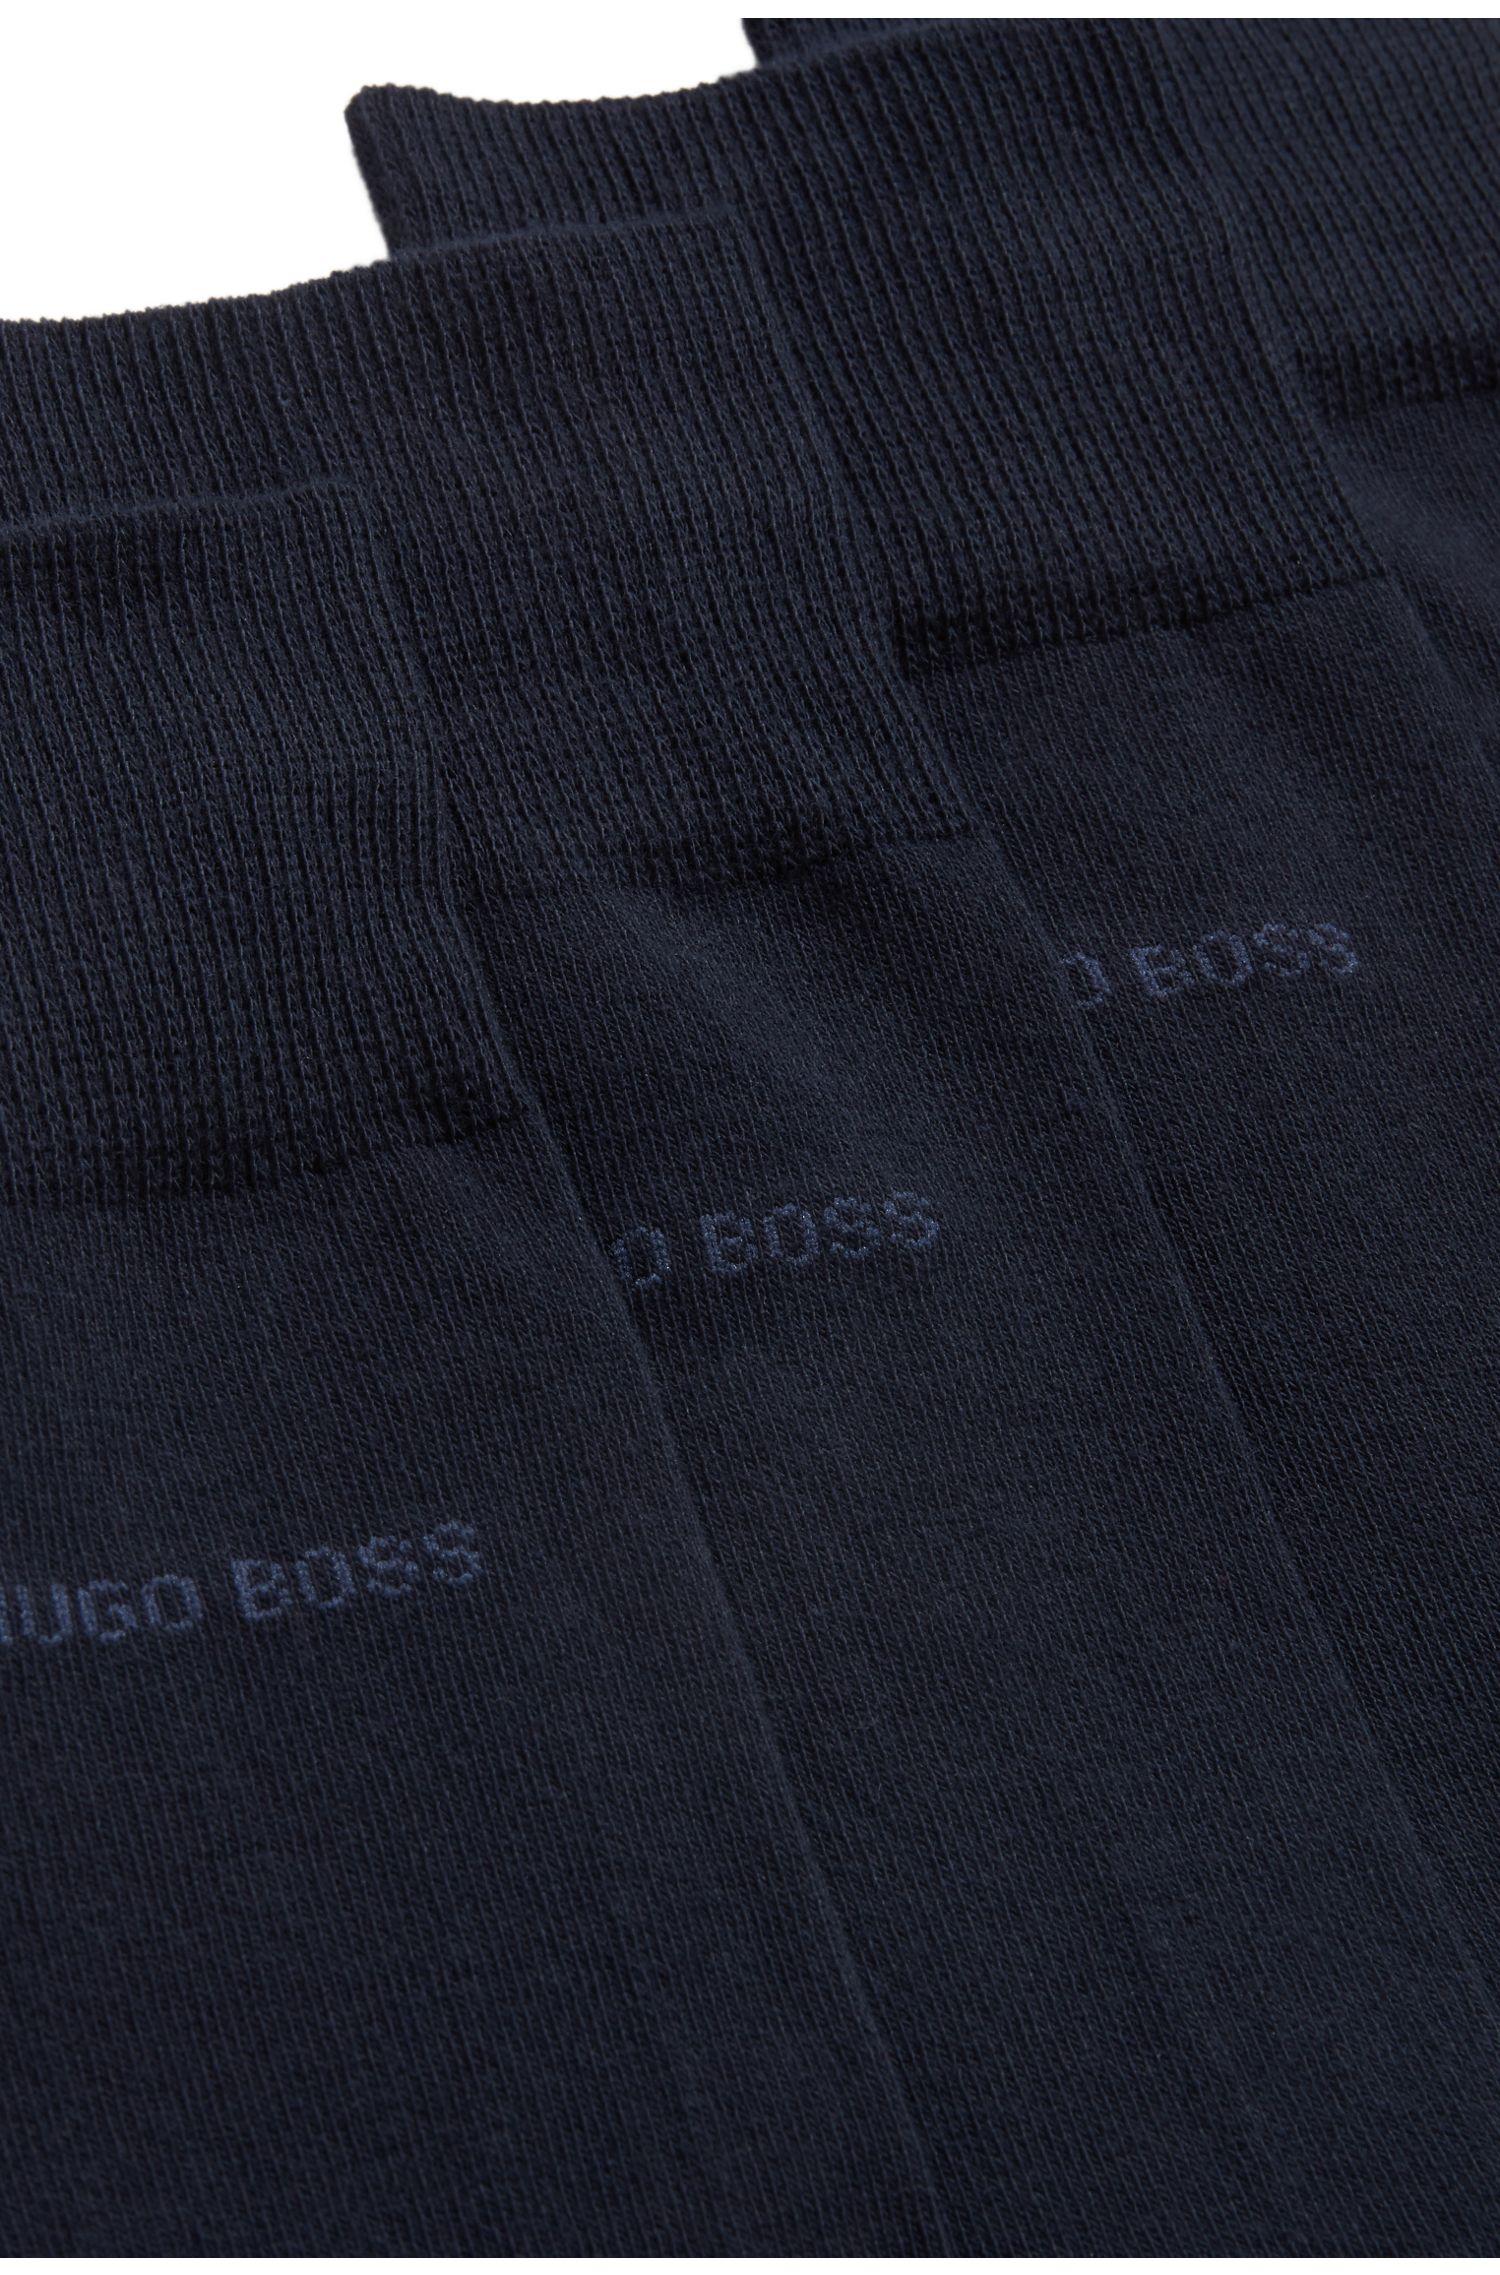 Set van twee paar sokken in standaardlengte van een katoenmix, Donkerblauw